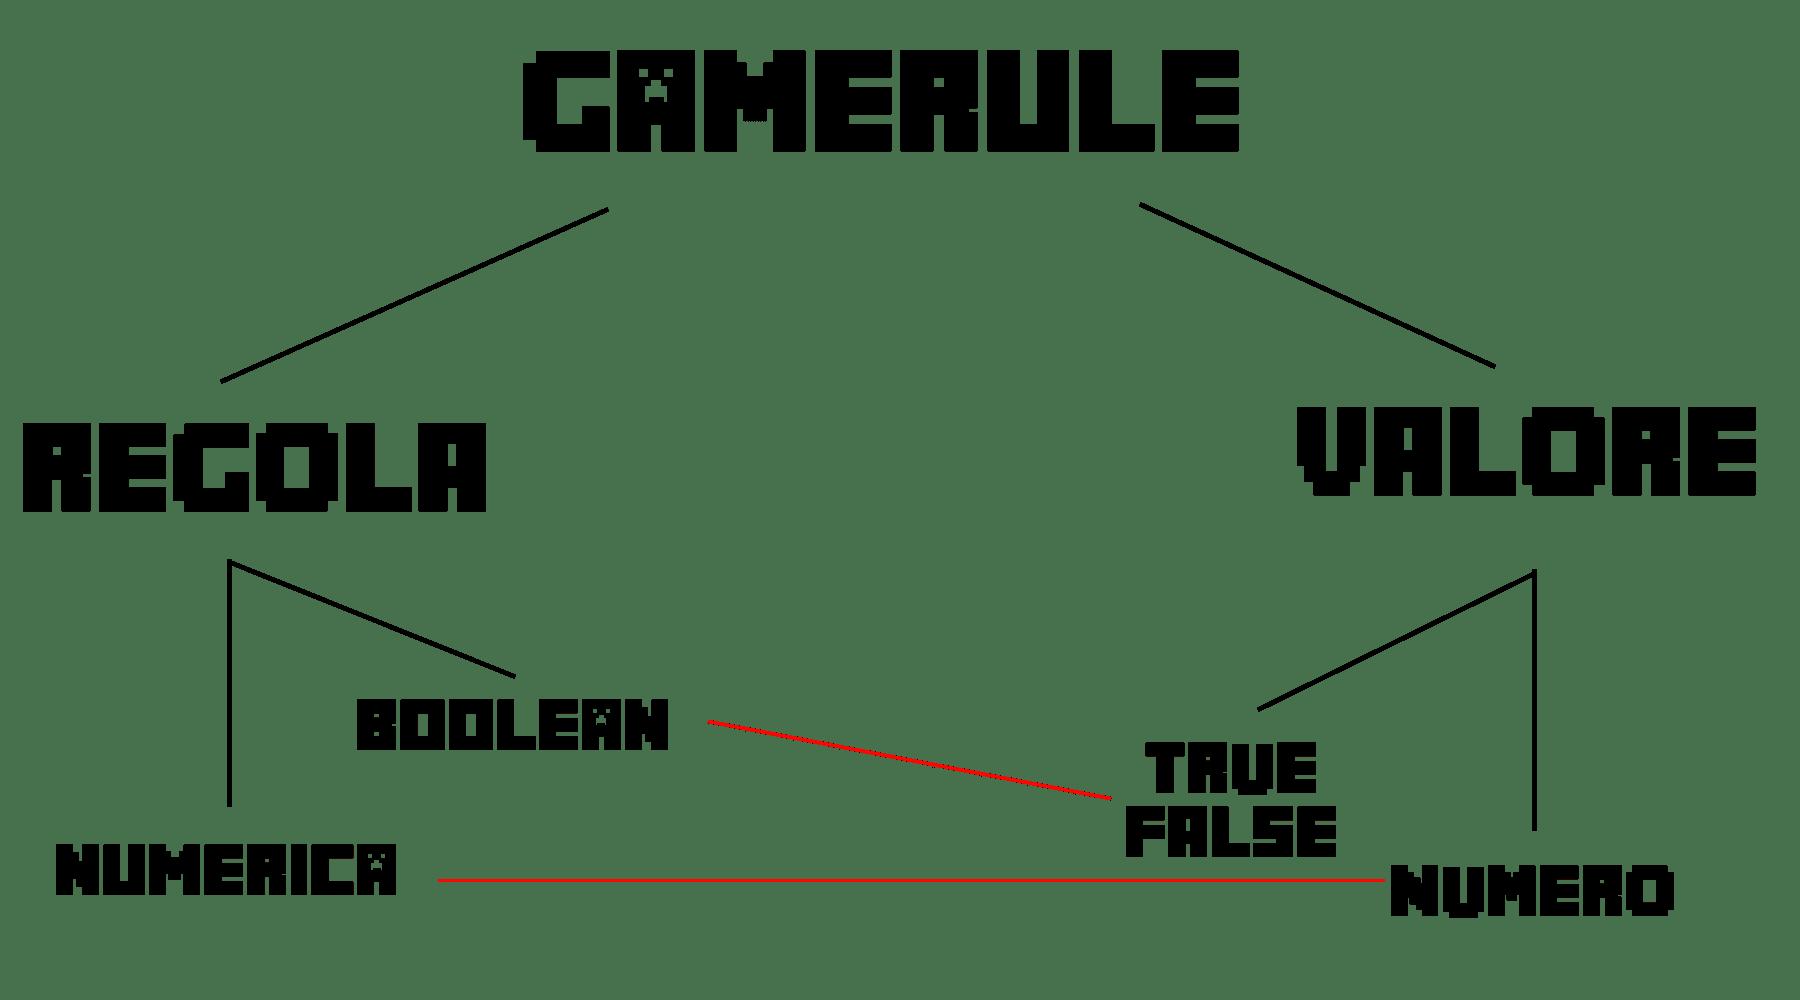 Piccolo schema riassuntivo sul Comando Gamerule, che riassume il suo meccanismo di dichiarazione dei valori delle regole.